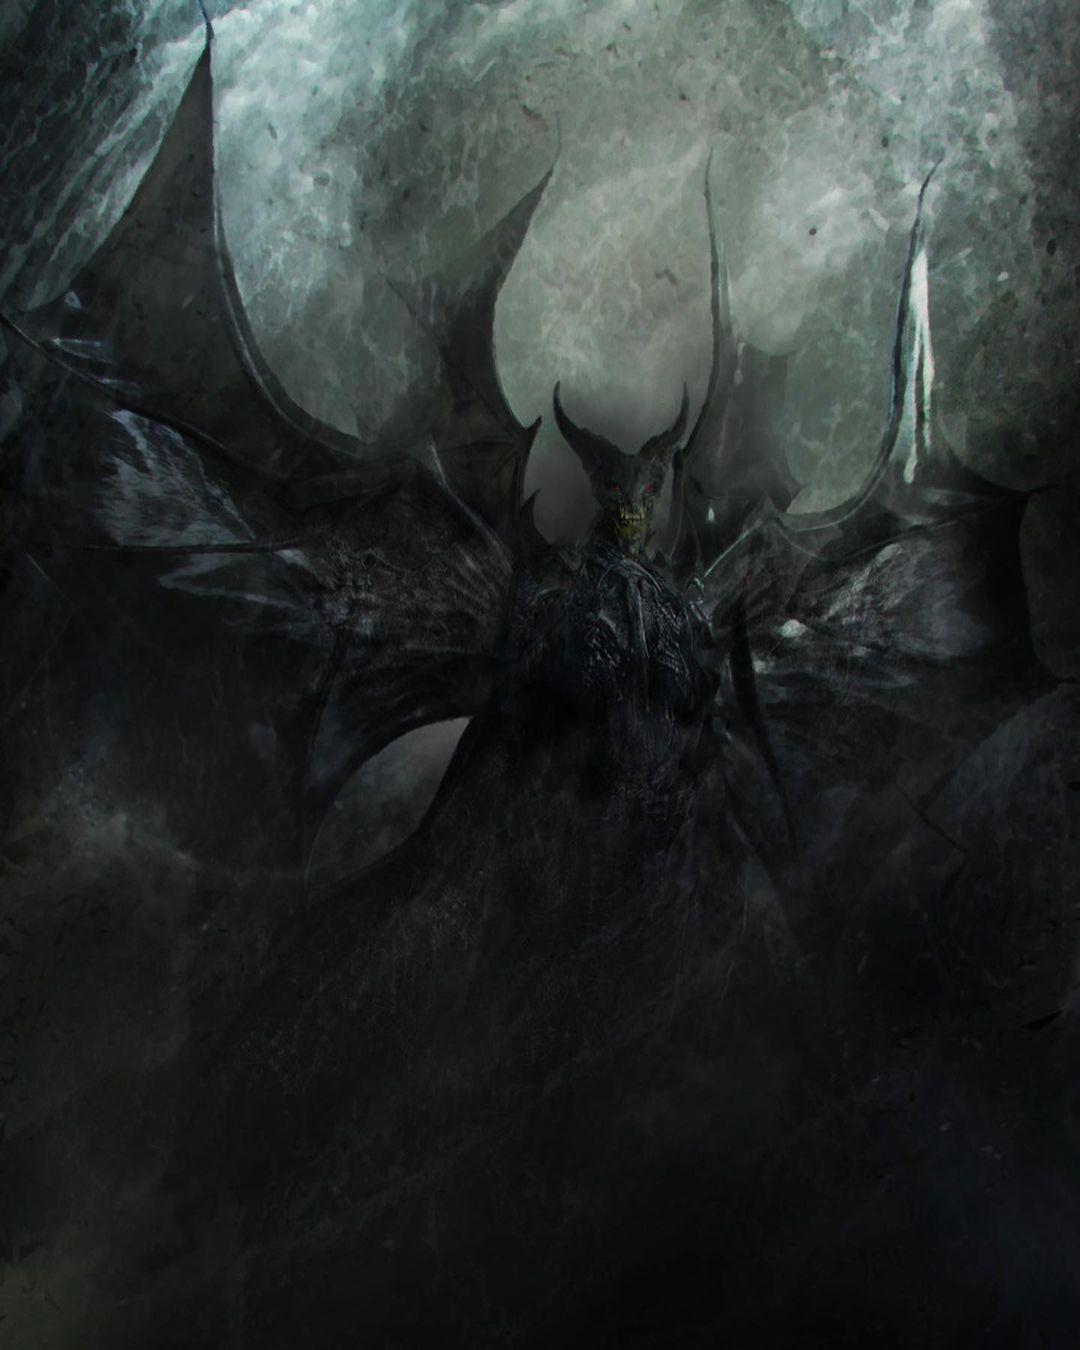 Оказывается, вместо монахини в«Заклятии2» мог появиться демон-Дракула! 1